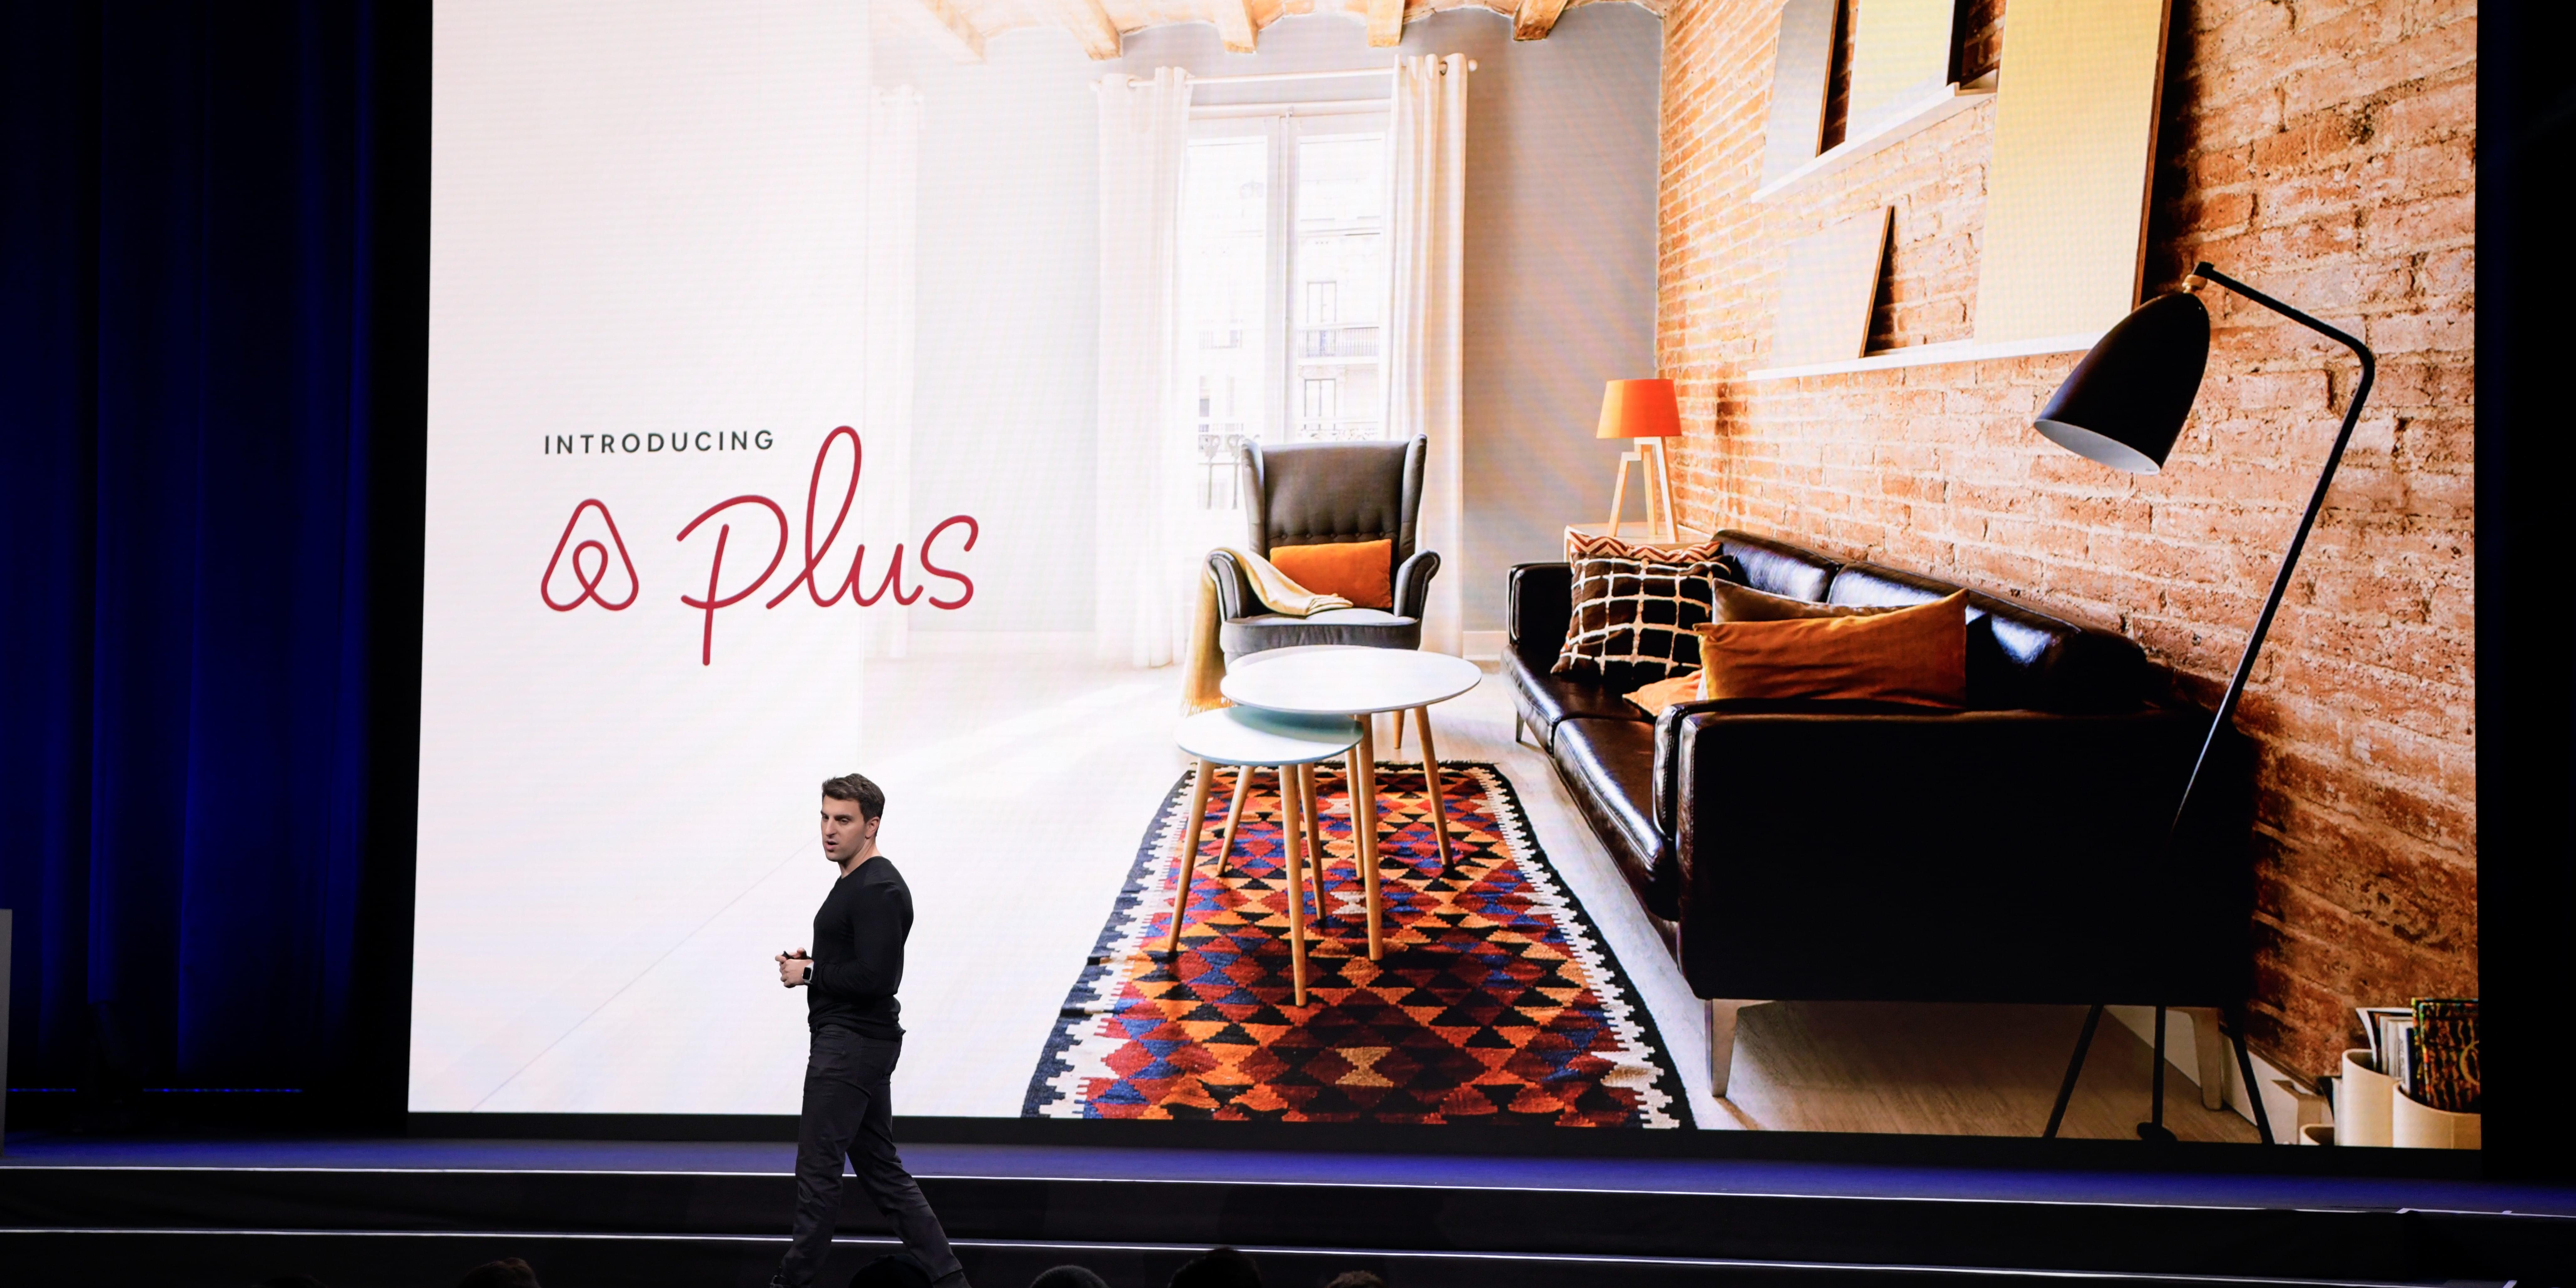 pourquoi airbnb se lance dans le luxe